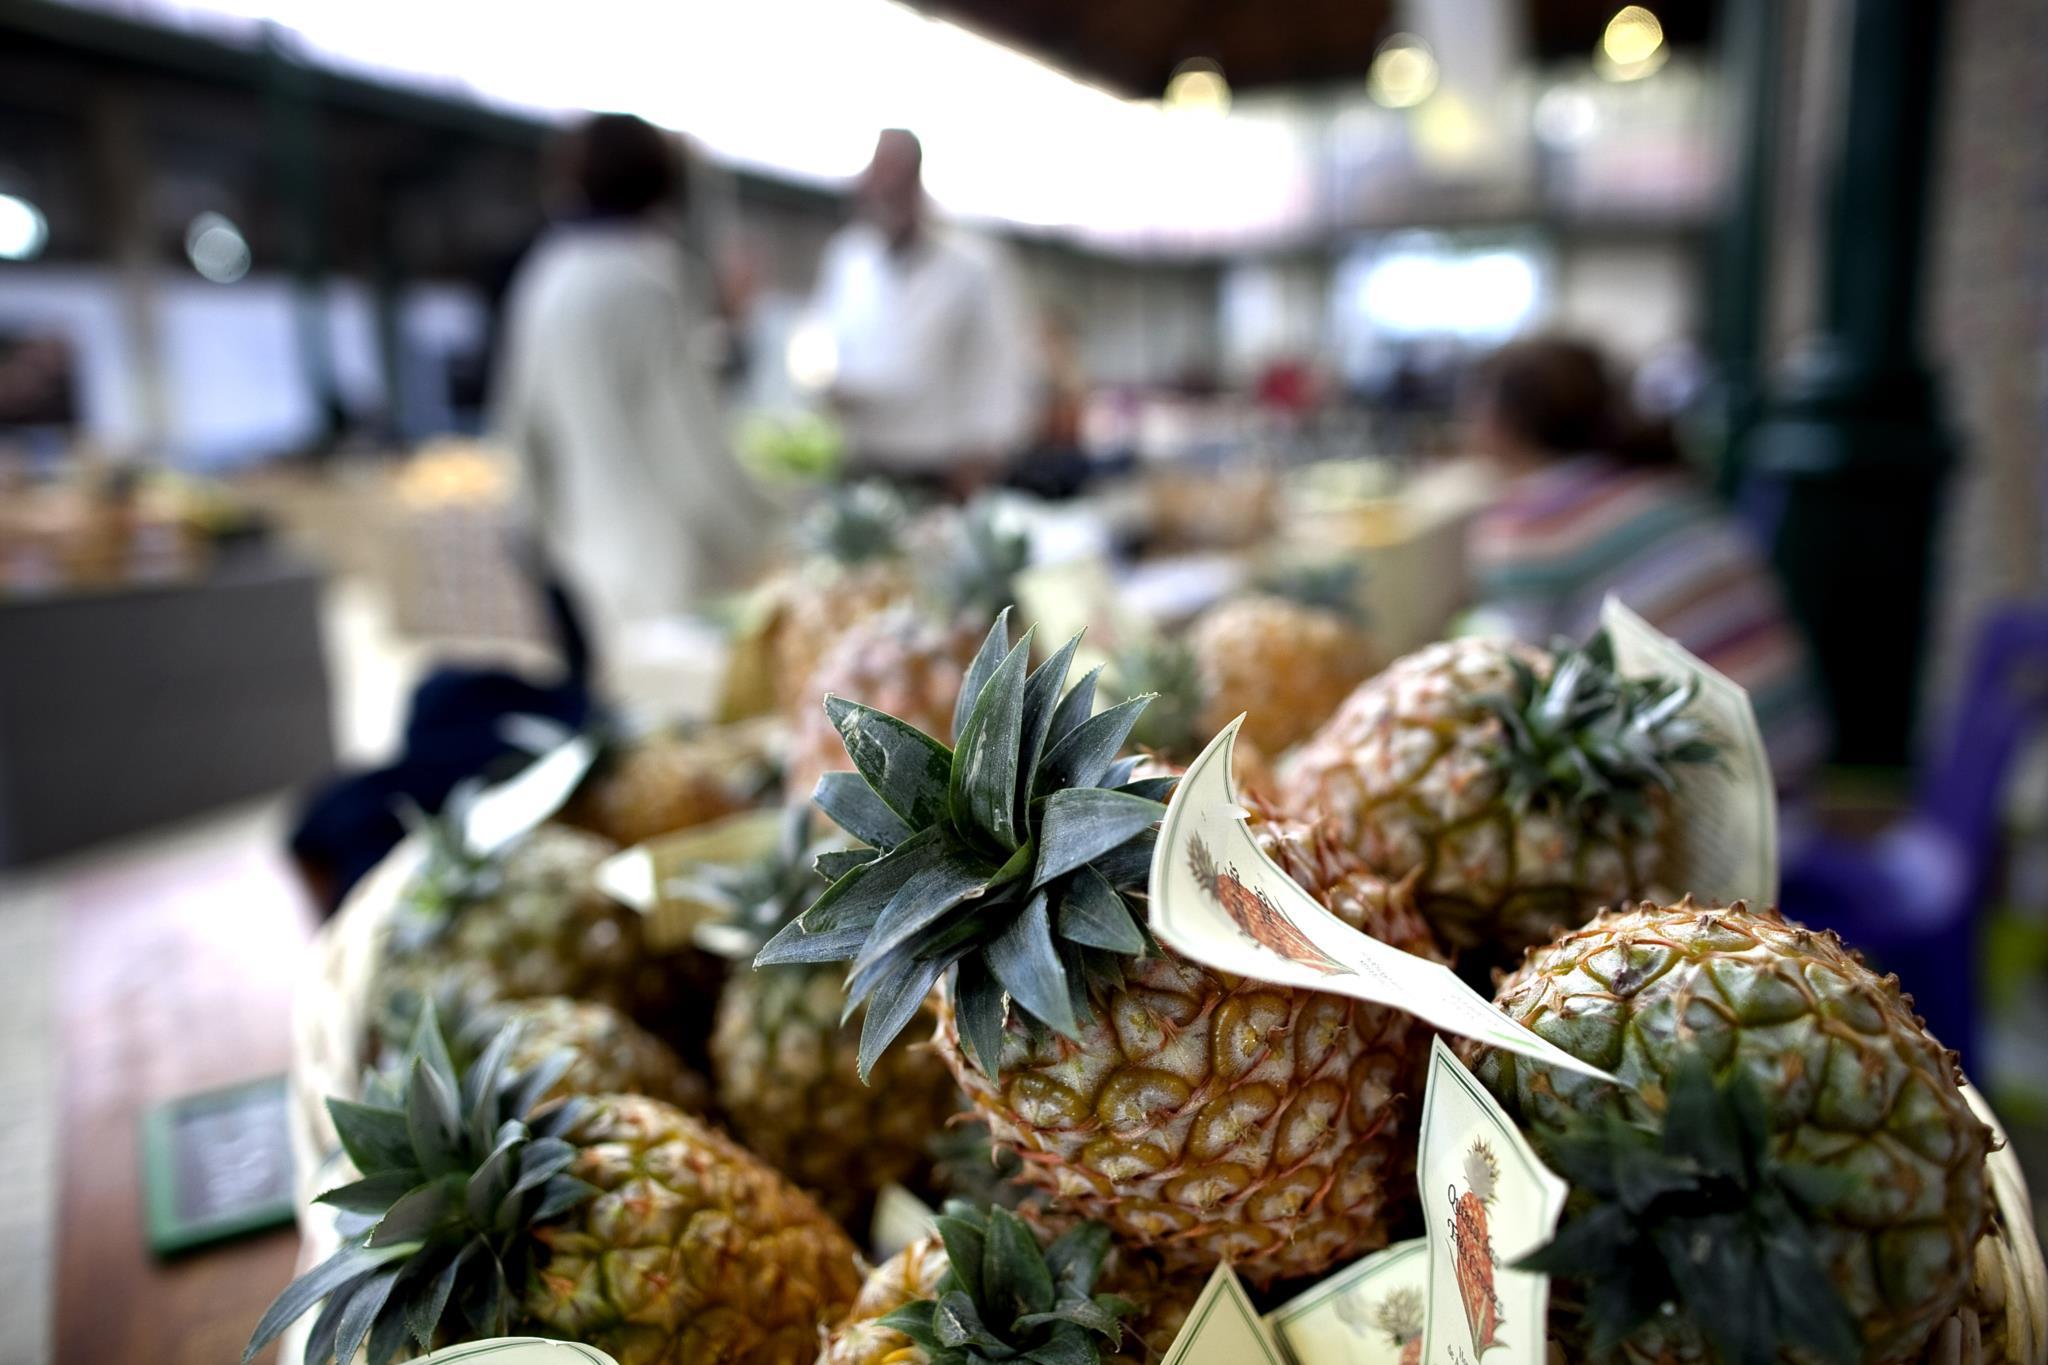 A Piña Colada: como colar um ananás ao seu coração, deixando o álcool para segundas núpcias